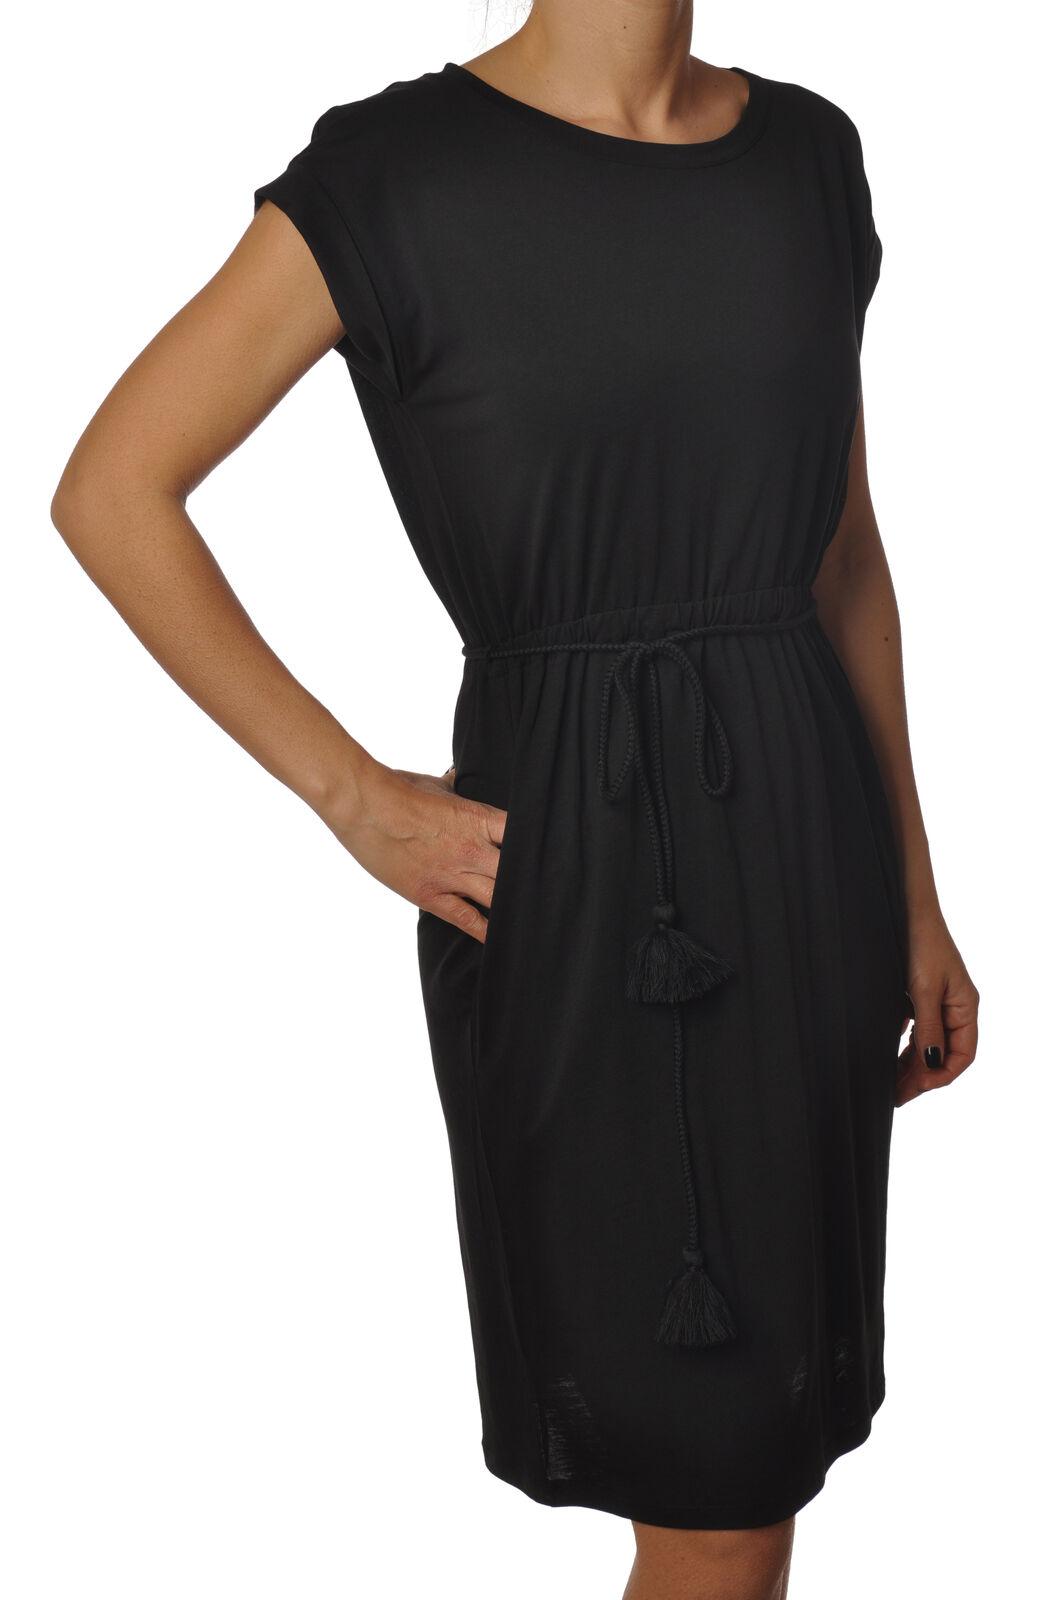 Woolrich-vestidos-vestido-Mujer - Negro - 6261302H191418   hasta un 70% de descuento